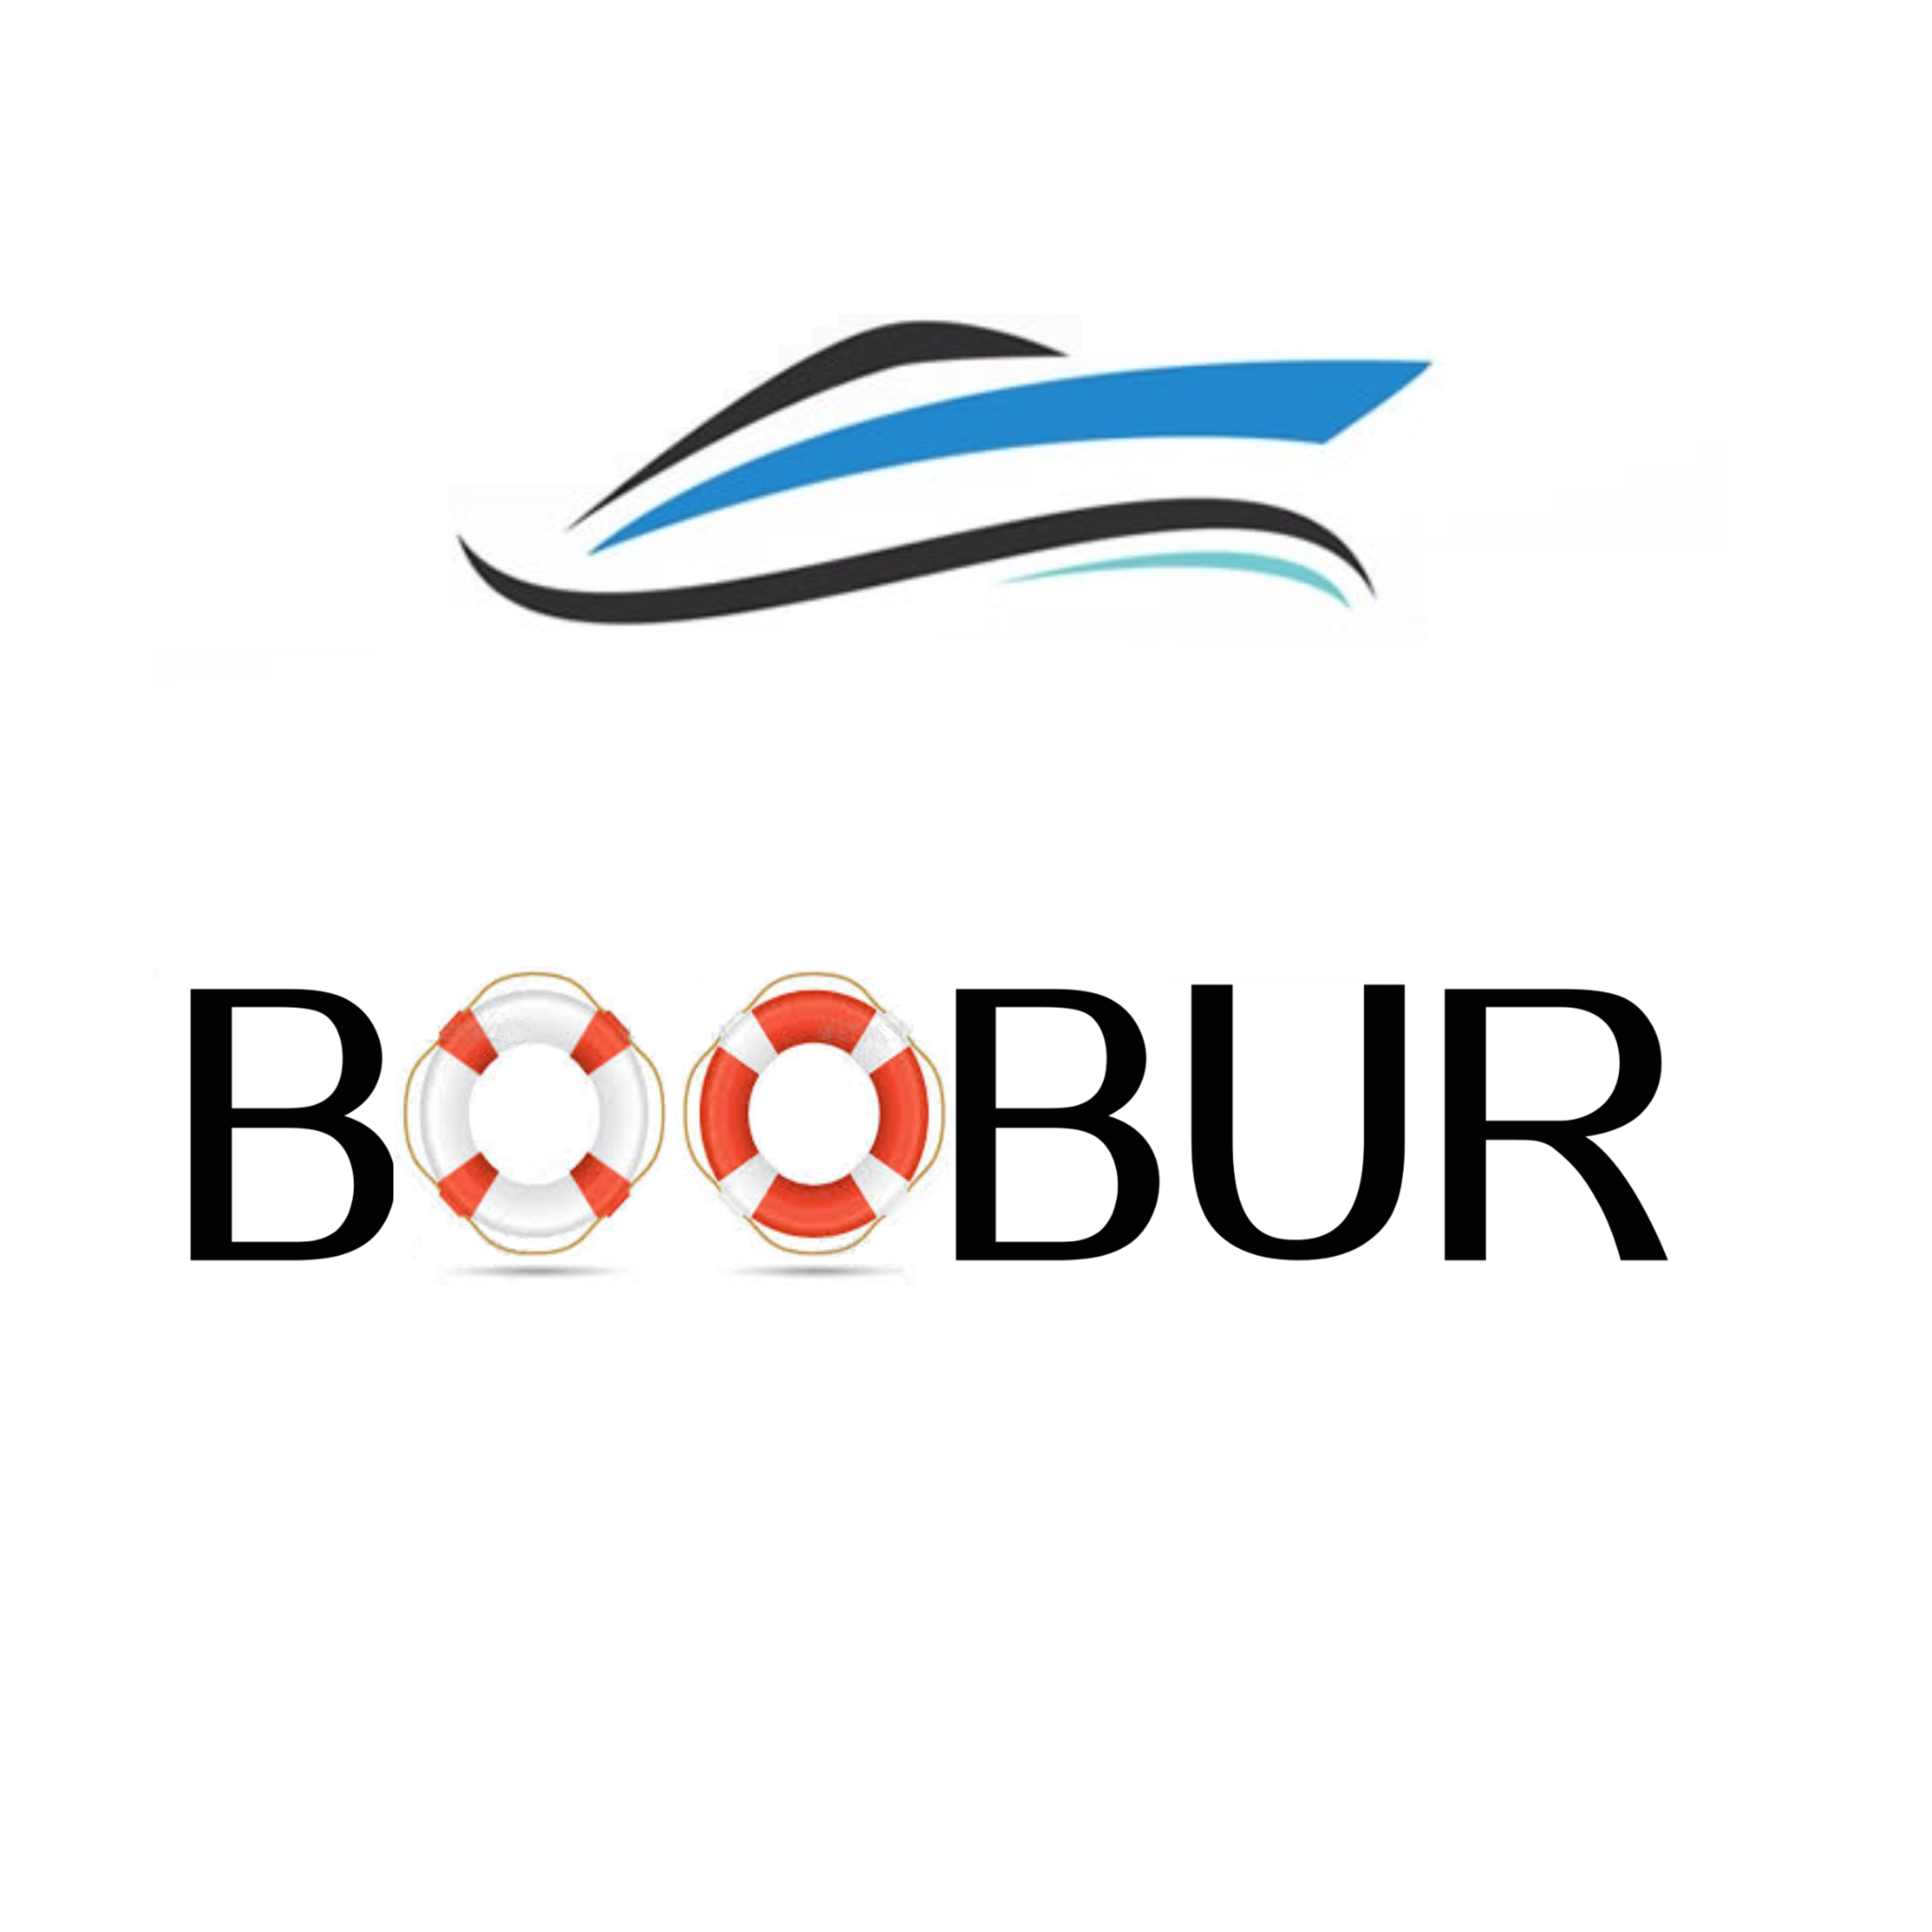 Boobur